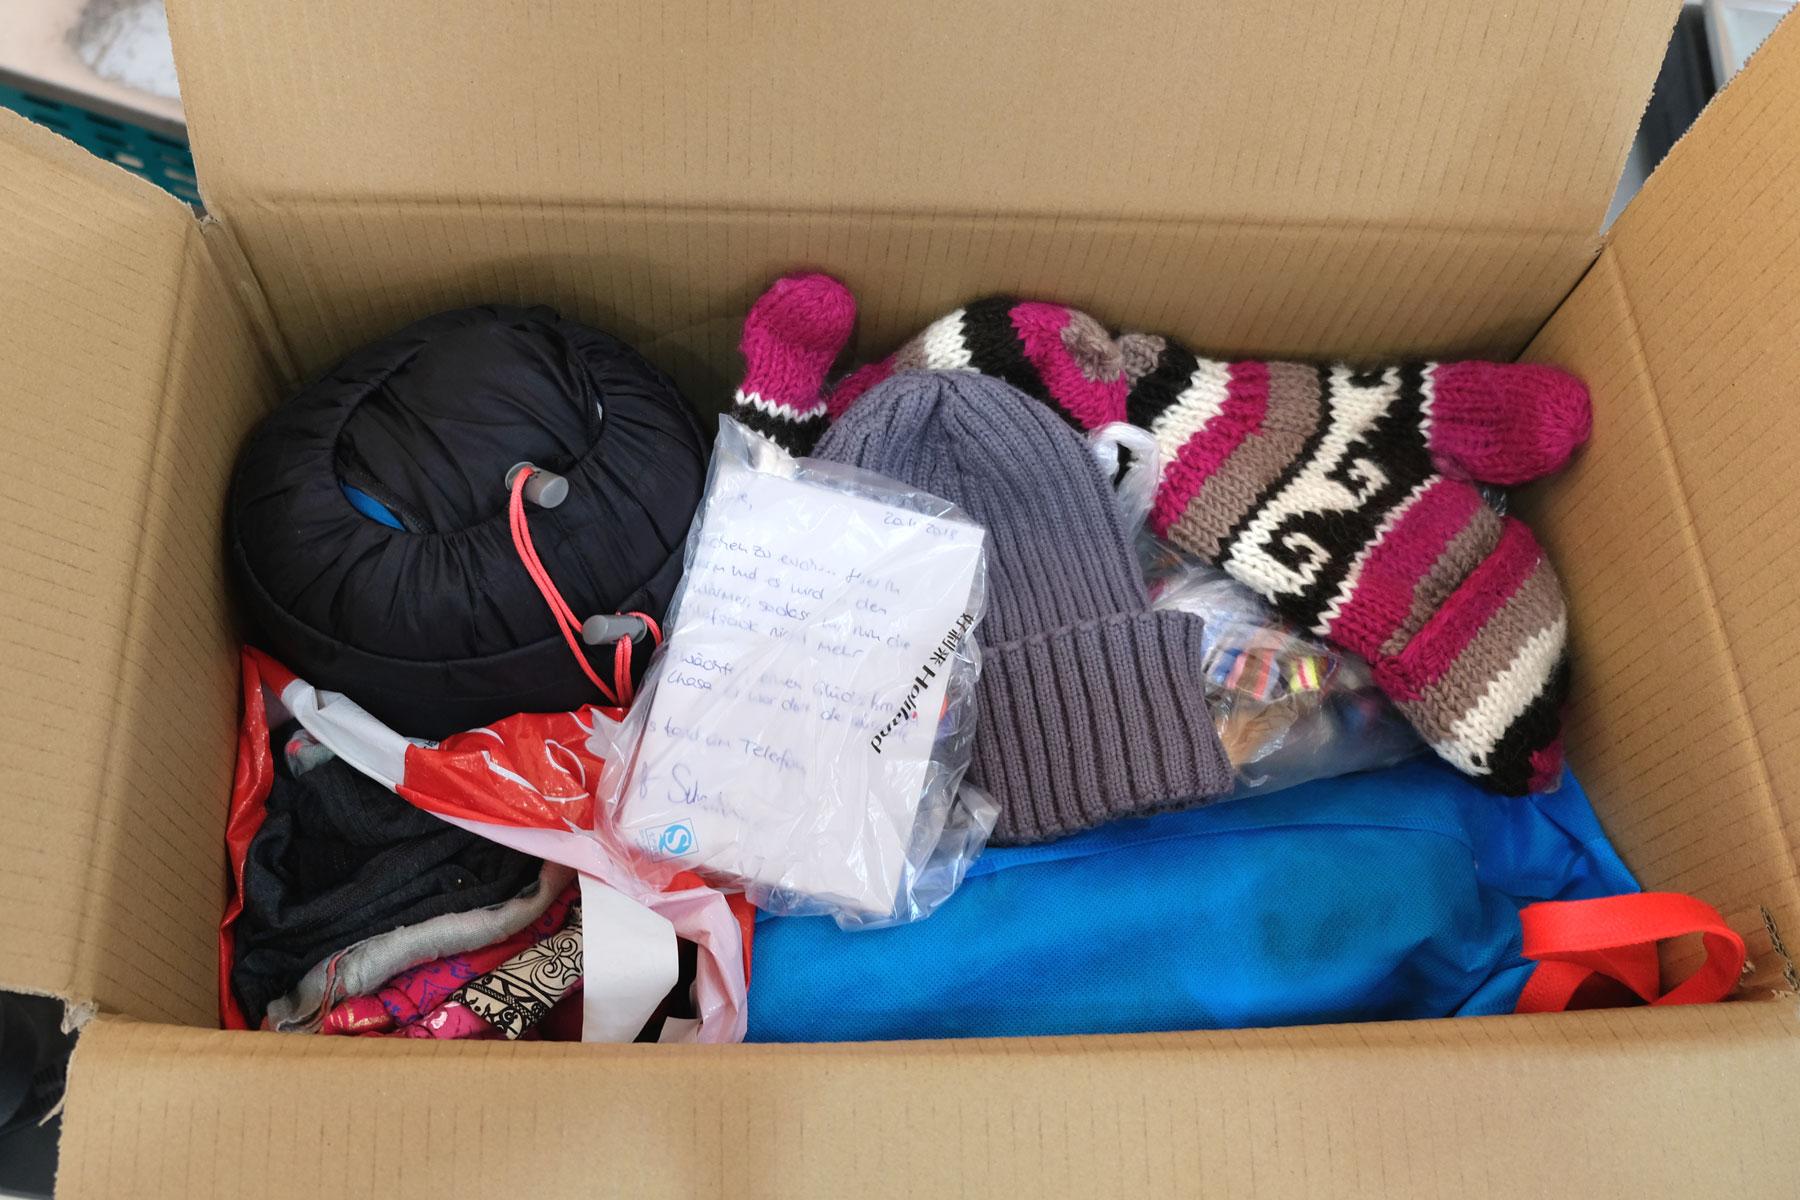 Der Inhalt eines Pakets. Winterkleidung.